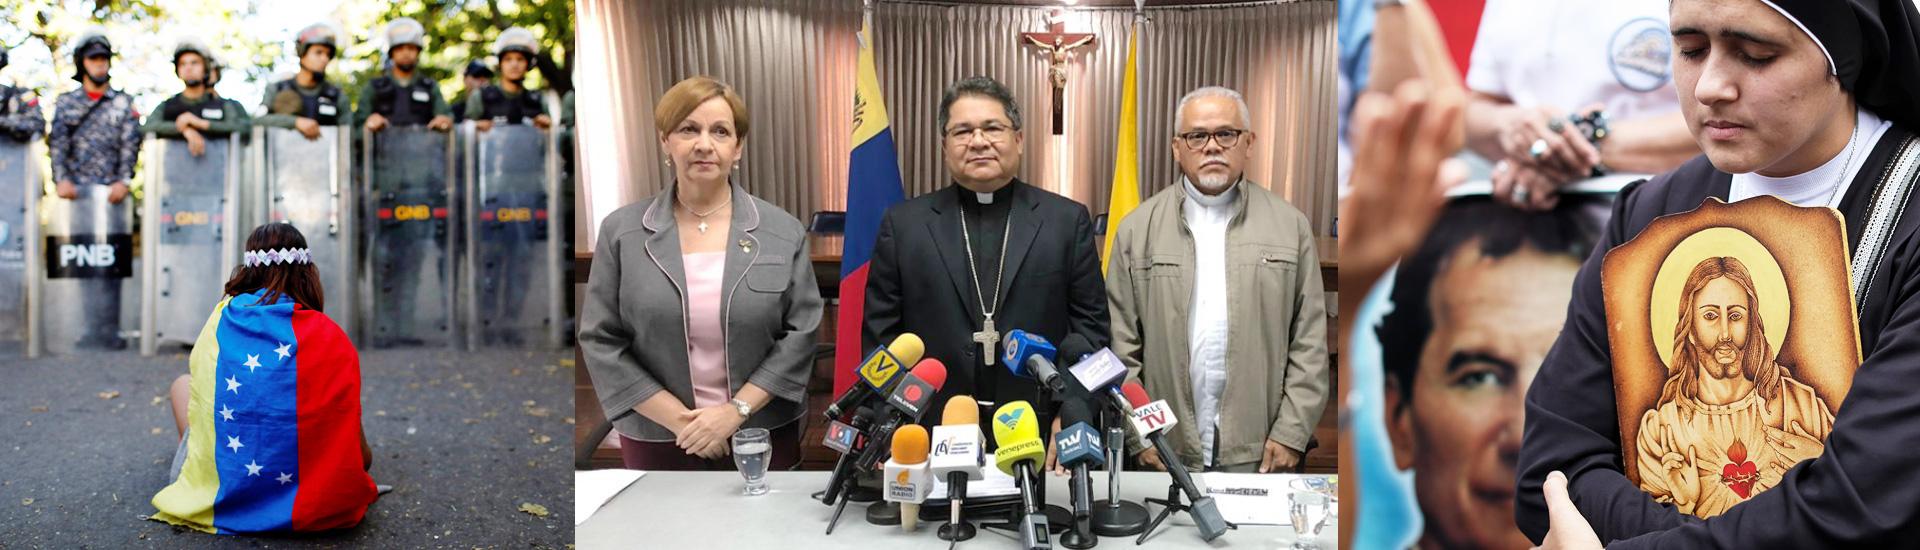 Apoyo de los Salesianos a la transición pacífica en Venezuela